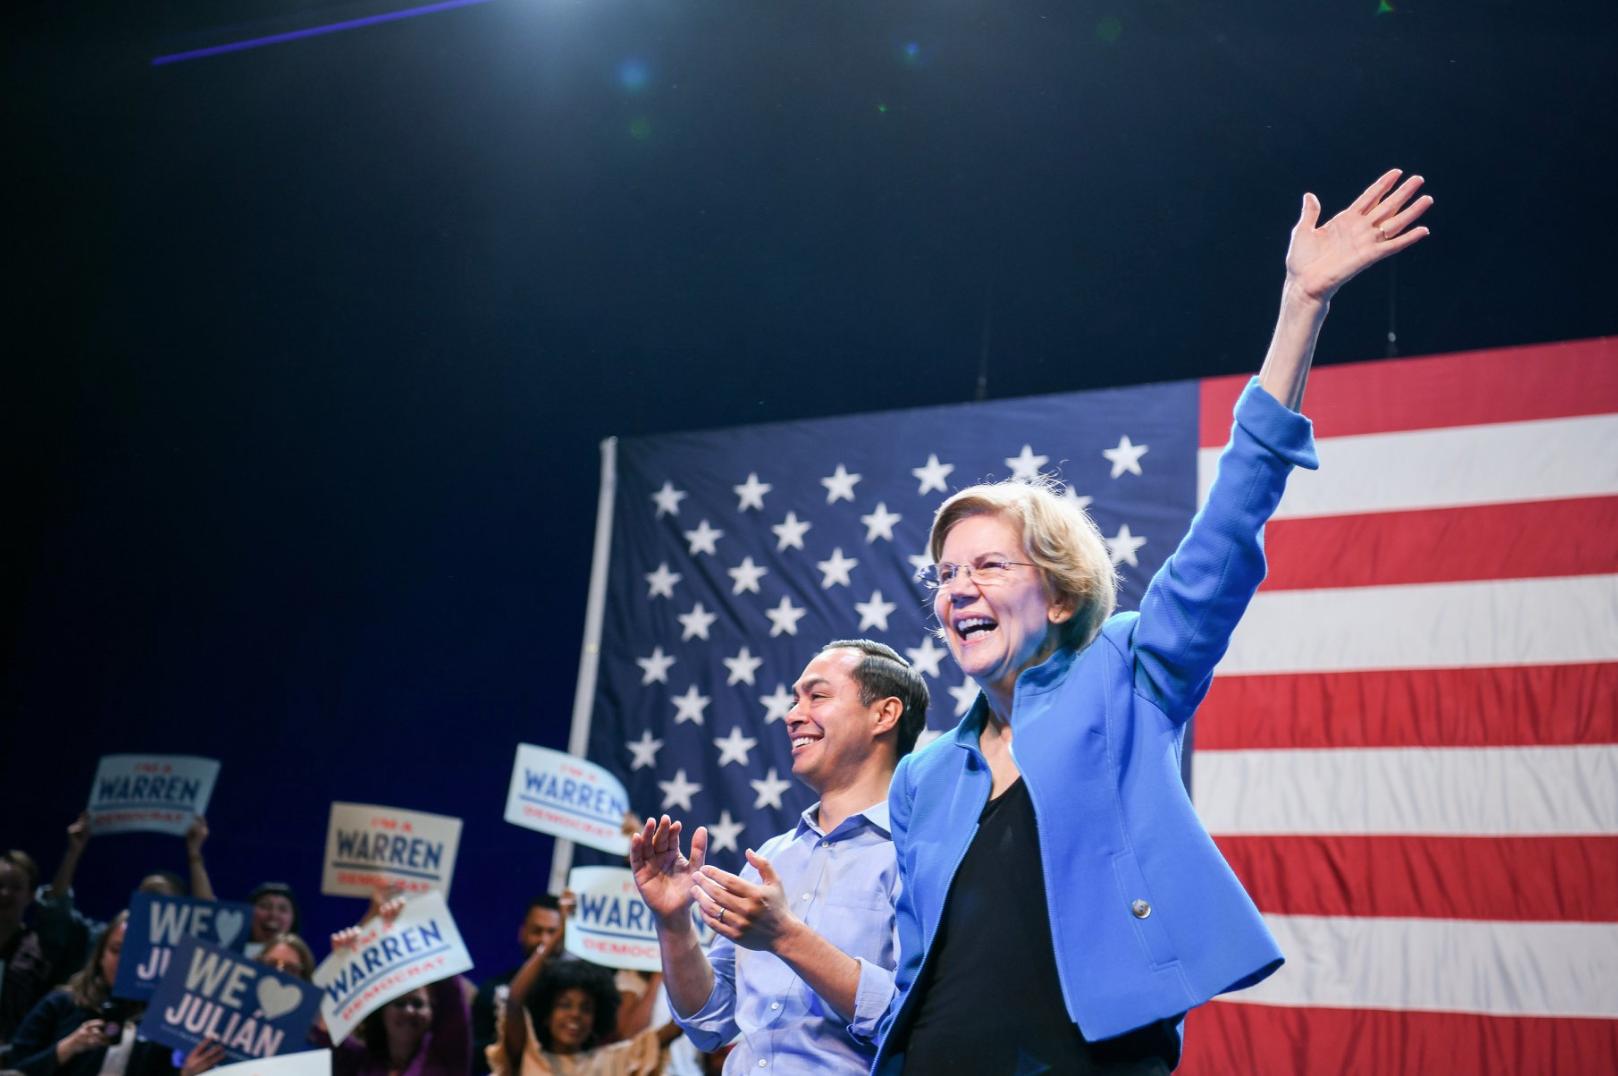 POLÍTICA. Warren asegura que Sanders no cree que una mujer pueda ganar la presidencia de EEUU